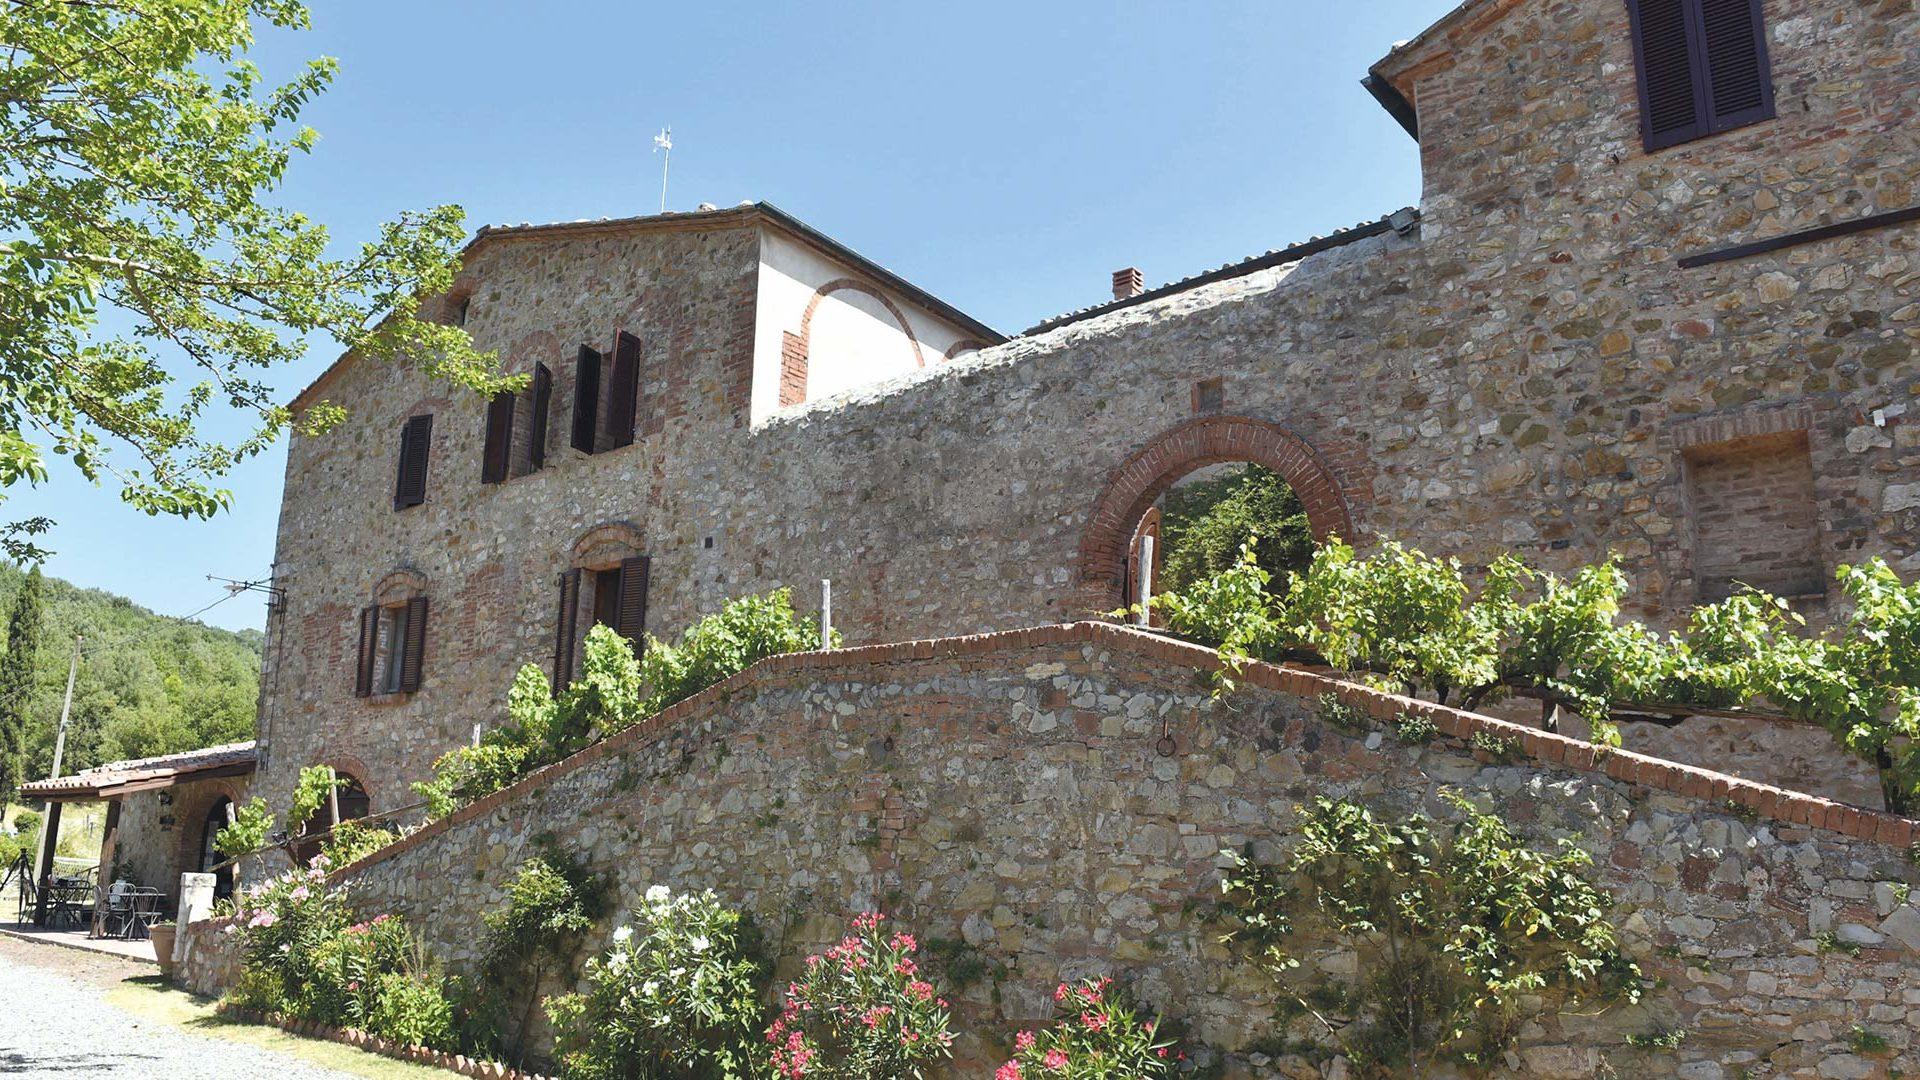 Borgo Fattoria